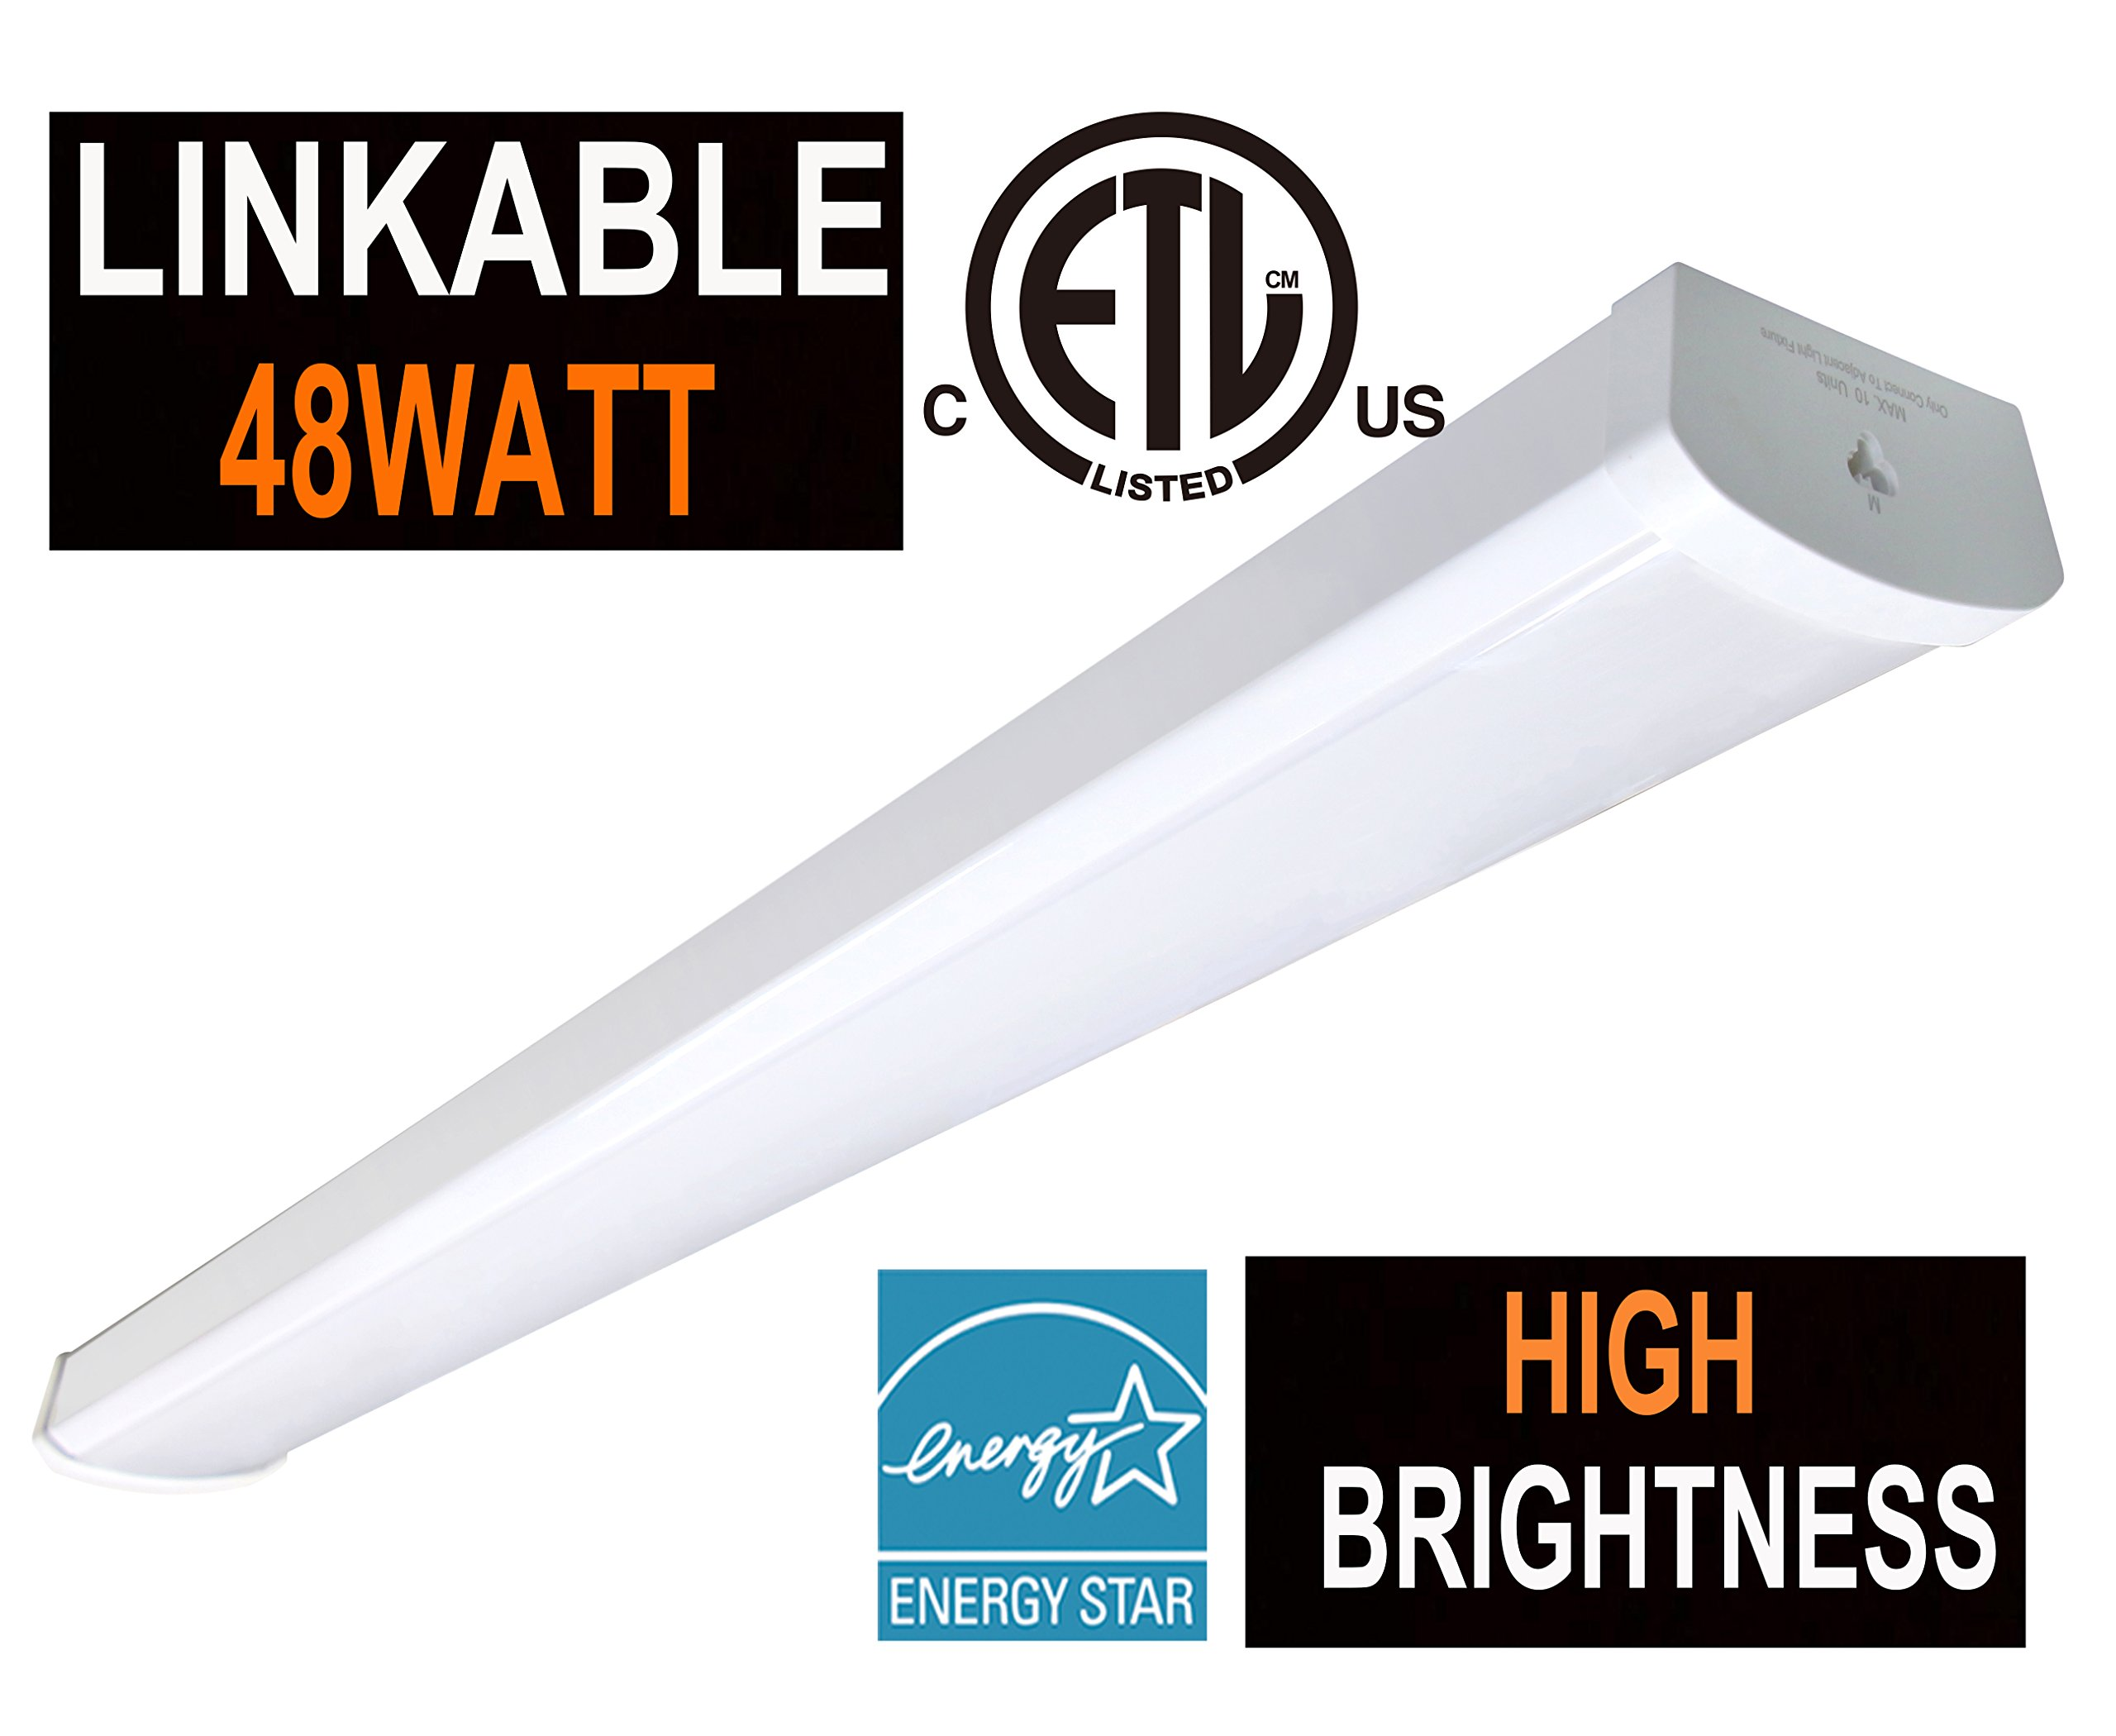 ETL and 48W Linkable LED Wraparound Flushmount Light 4FT,4000Lumens 5000K